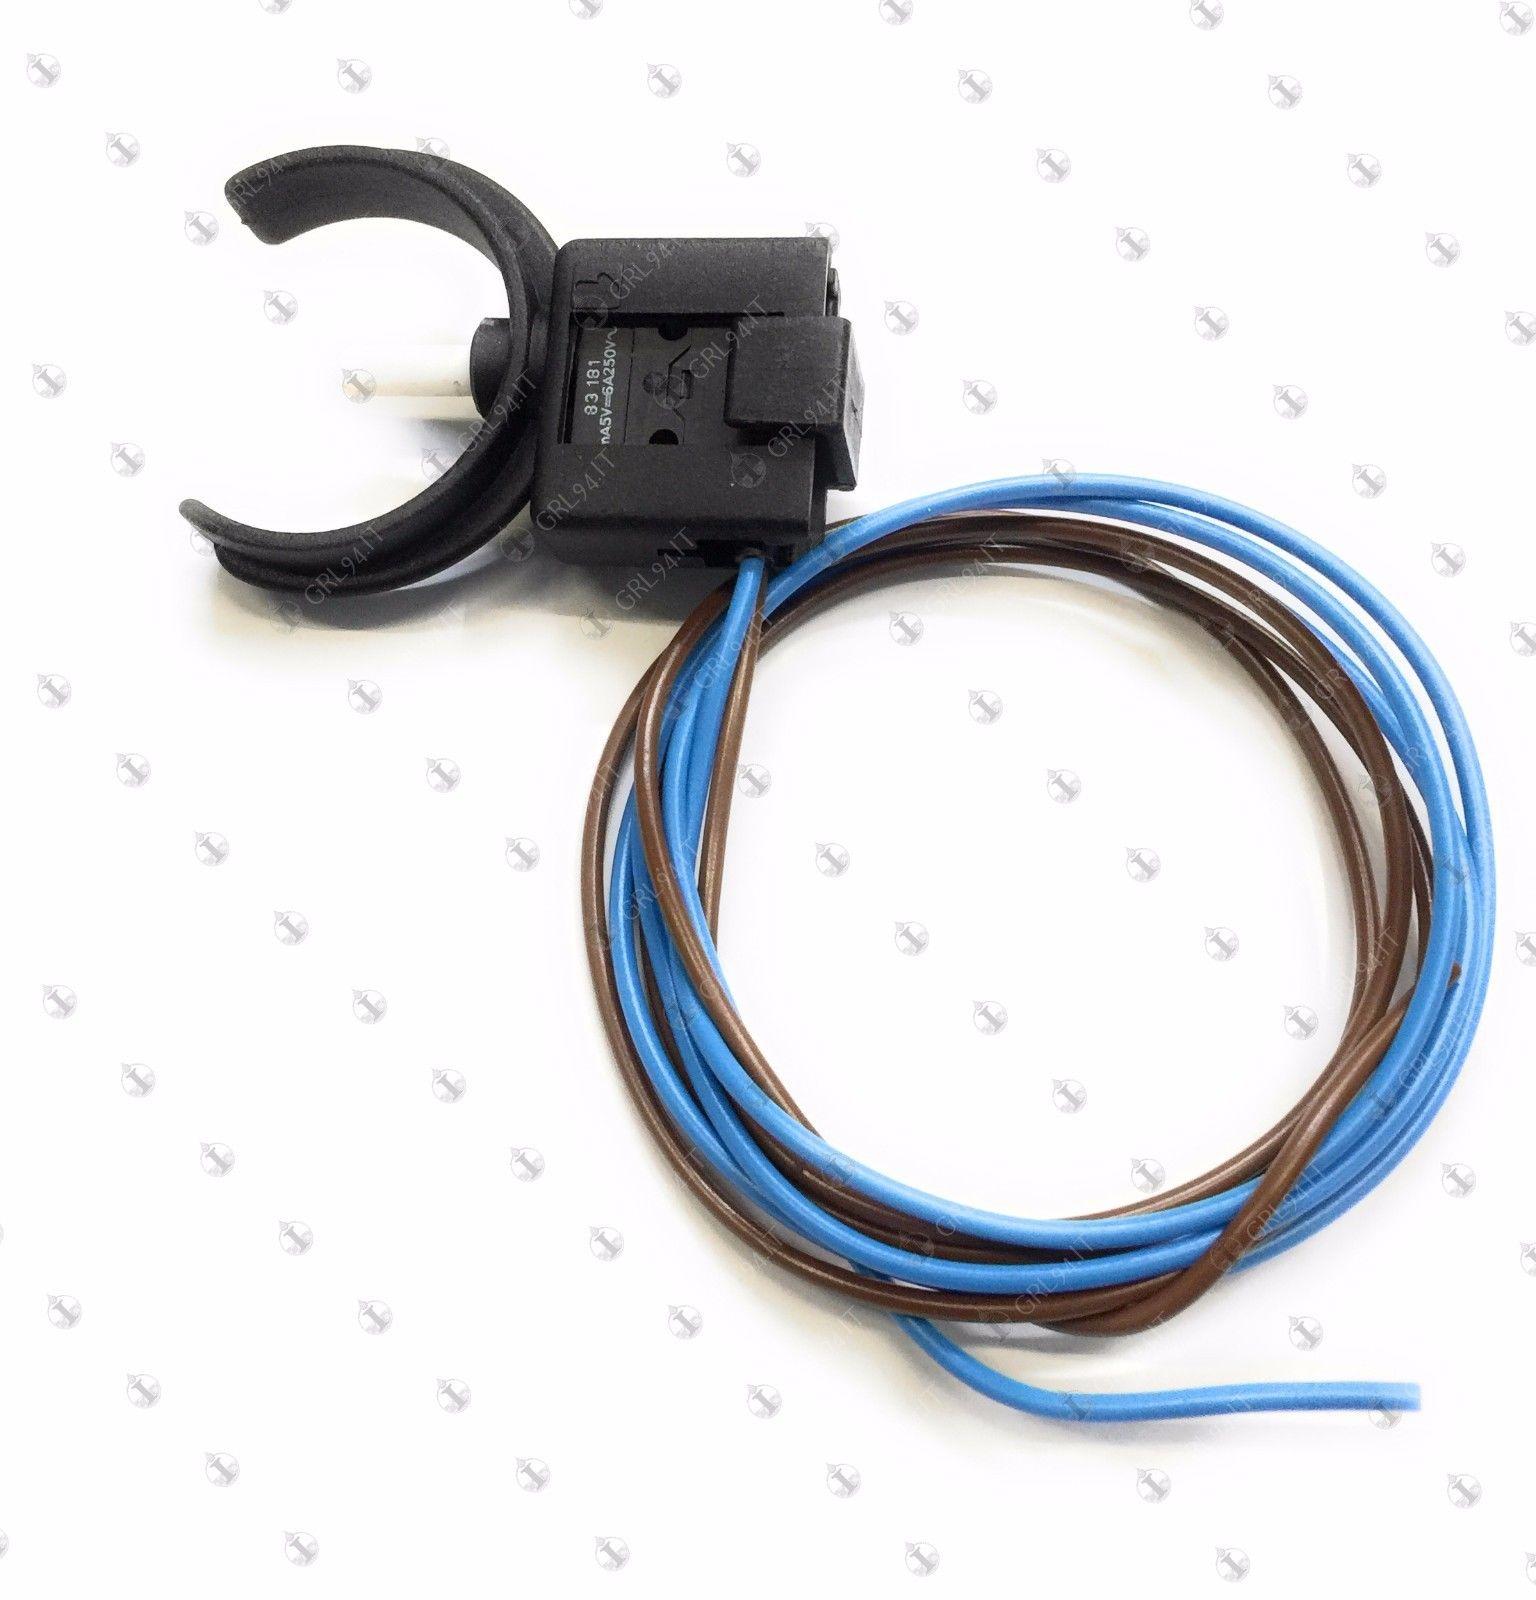 Immergas microinterruttore per valvola 3 vie mini eolo - Sonda esterna immergas victrix ...